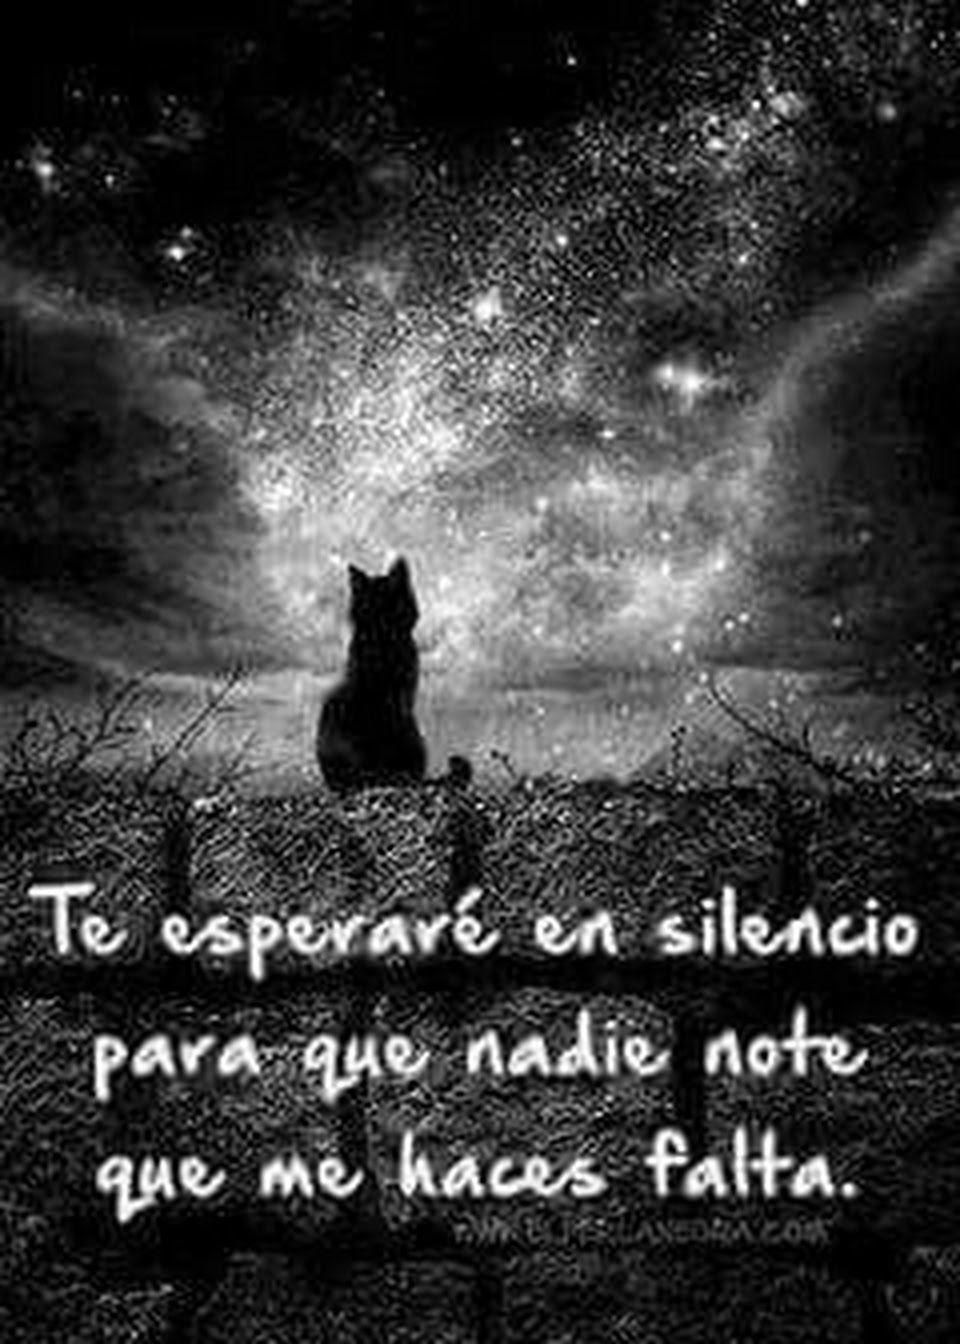 Gata enamorada Feliz noche querid s amig s Eres Mi CieloEl AmorFrases